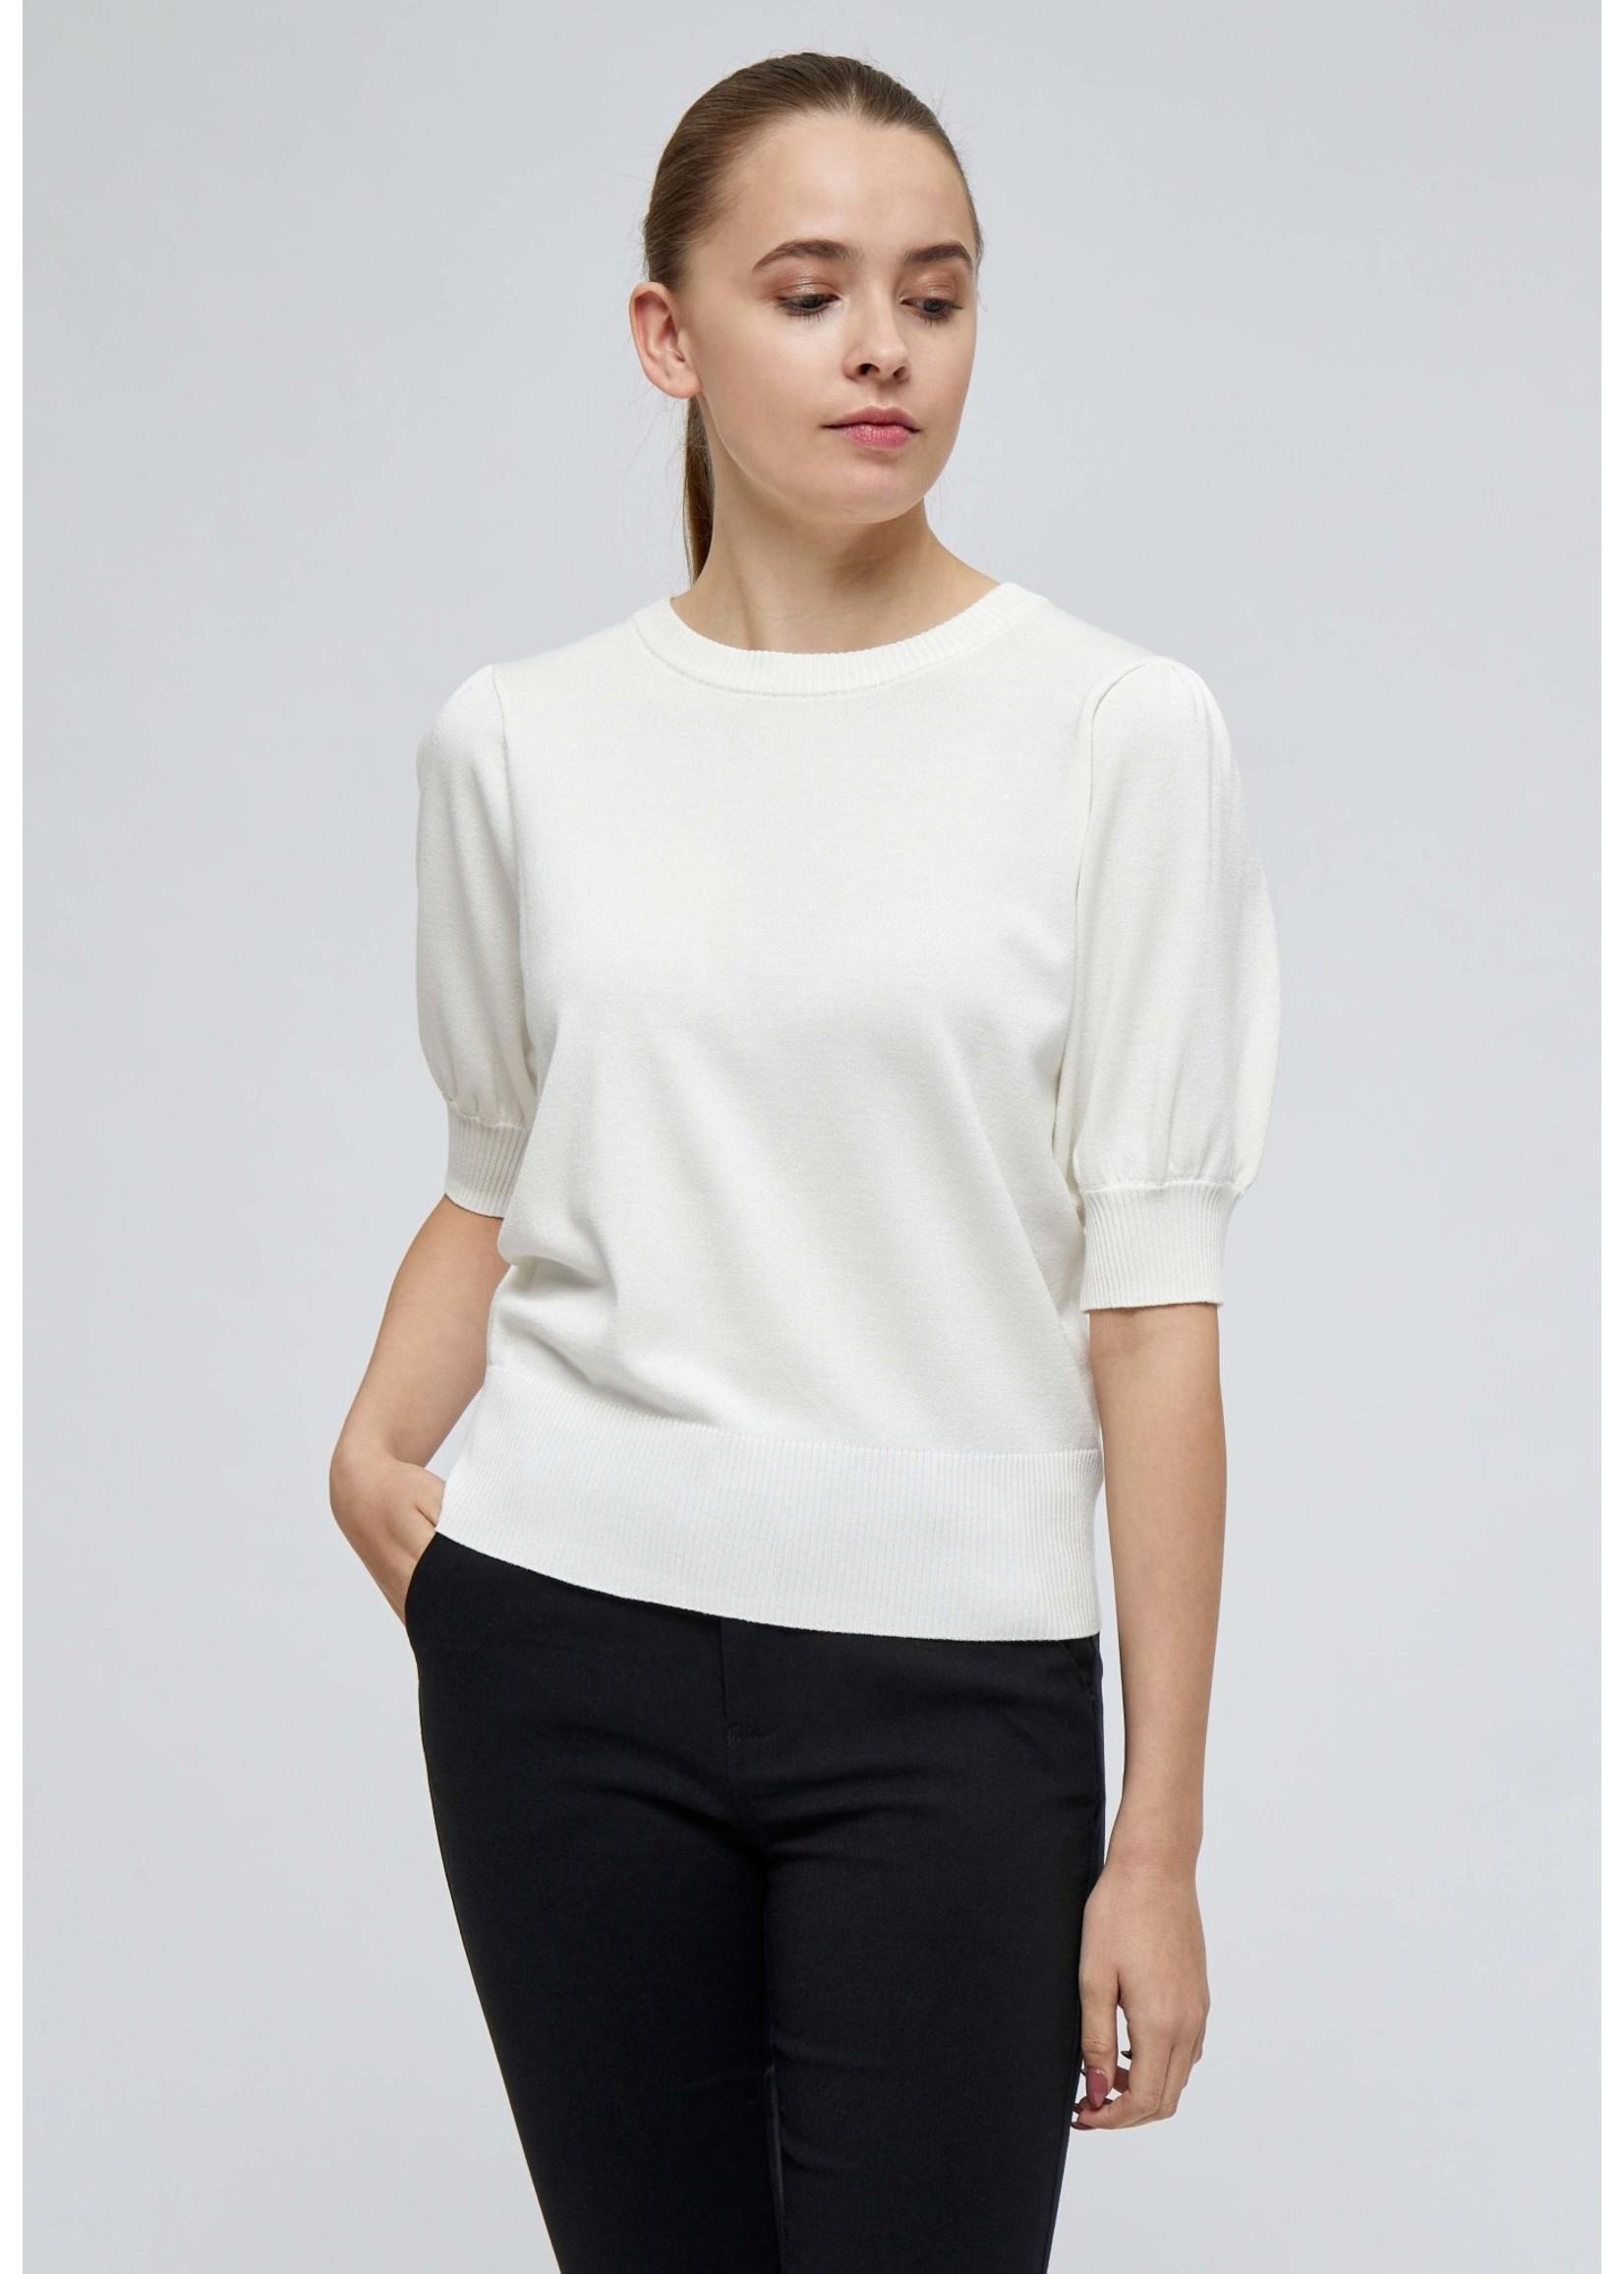 MINUS Liva knit tee broken white